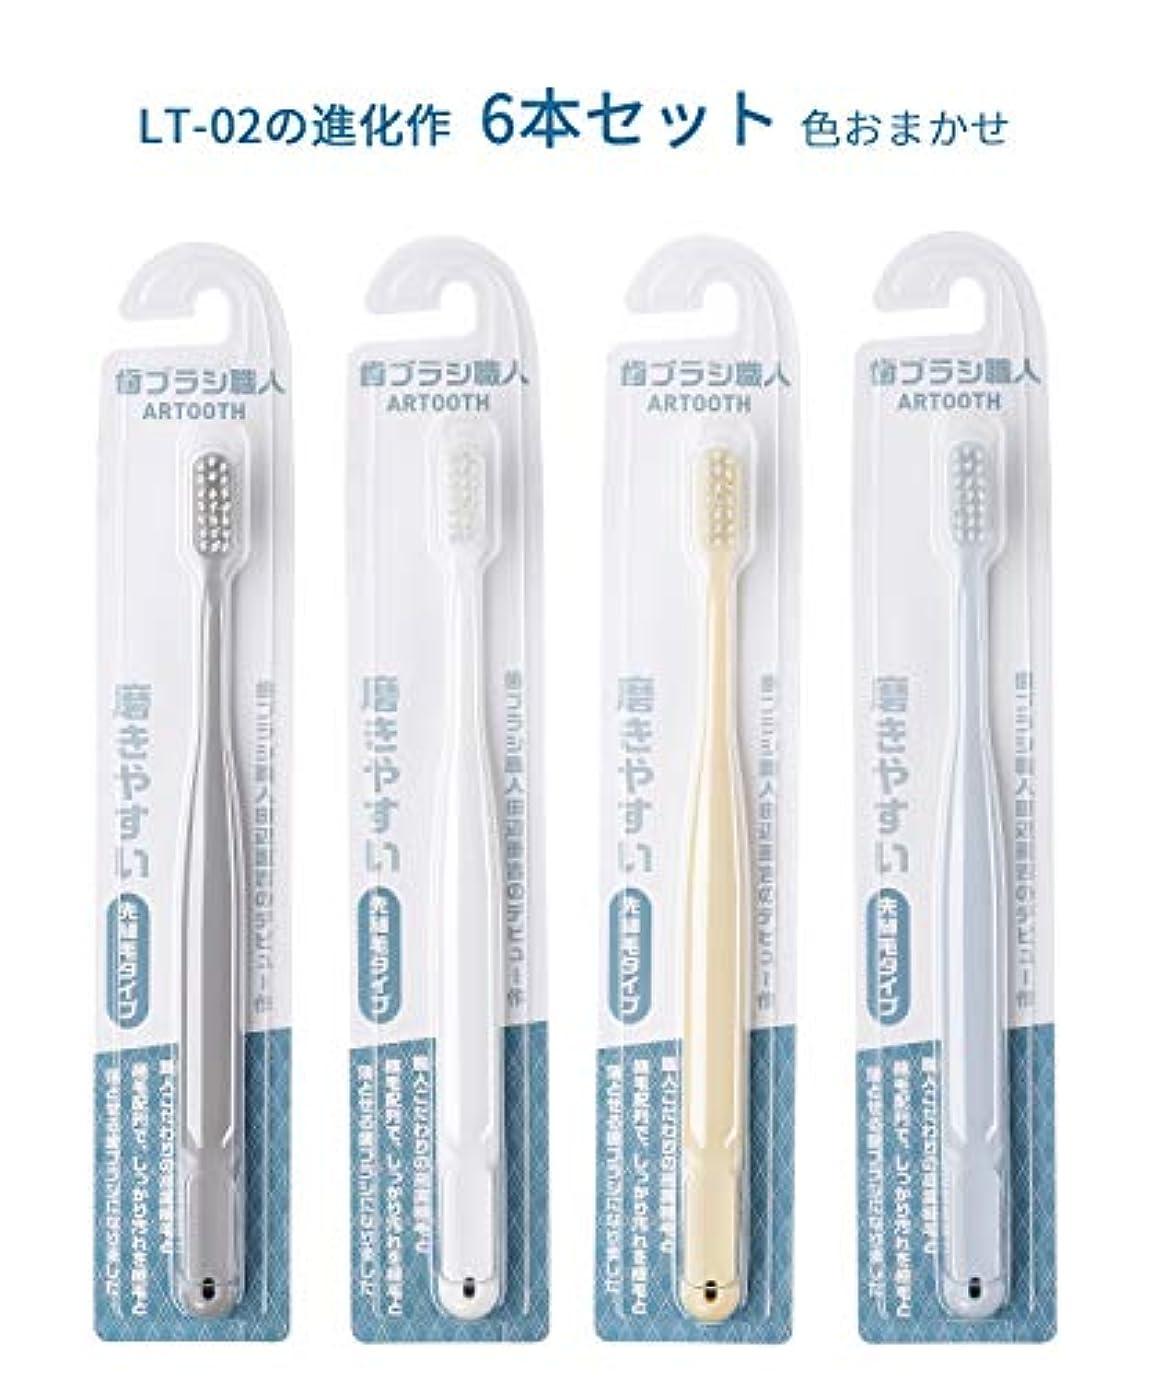 重要な役割を果たす、中心的な手段となるエンコミウムつま先歯ブラシ職人ARTOOTH 田辺重吉 磨きやすい歯ブラシ 先細 AT-02 (6本パック)